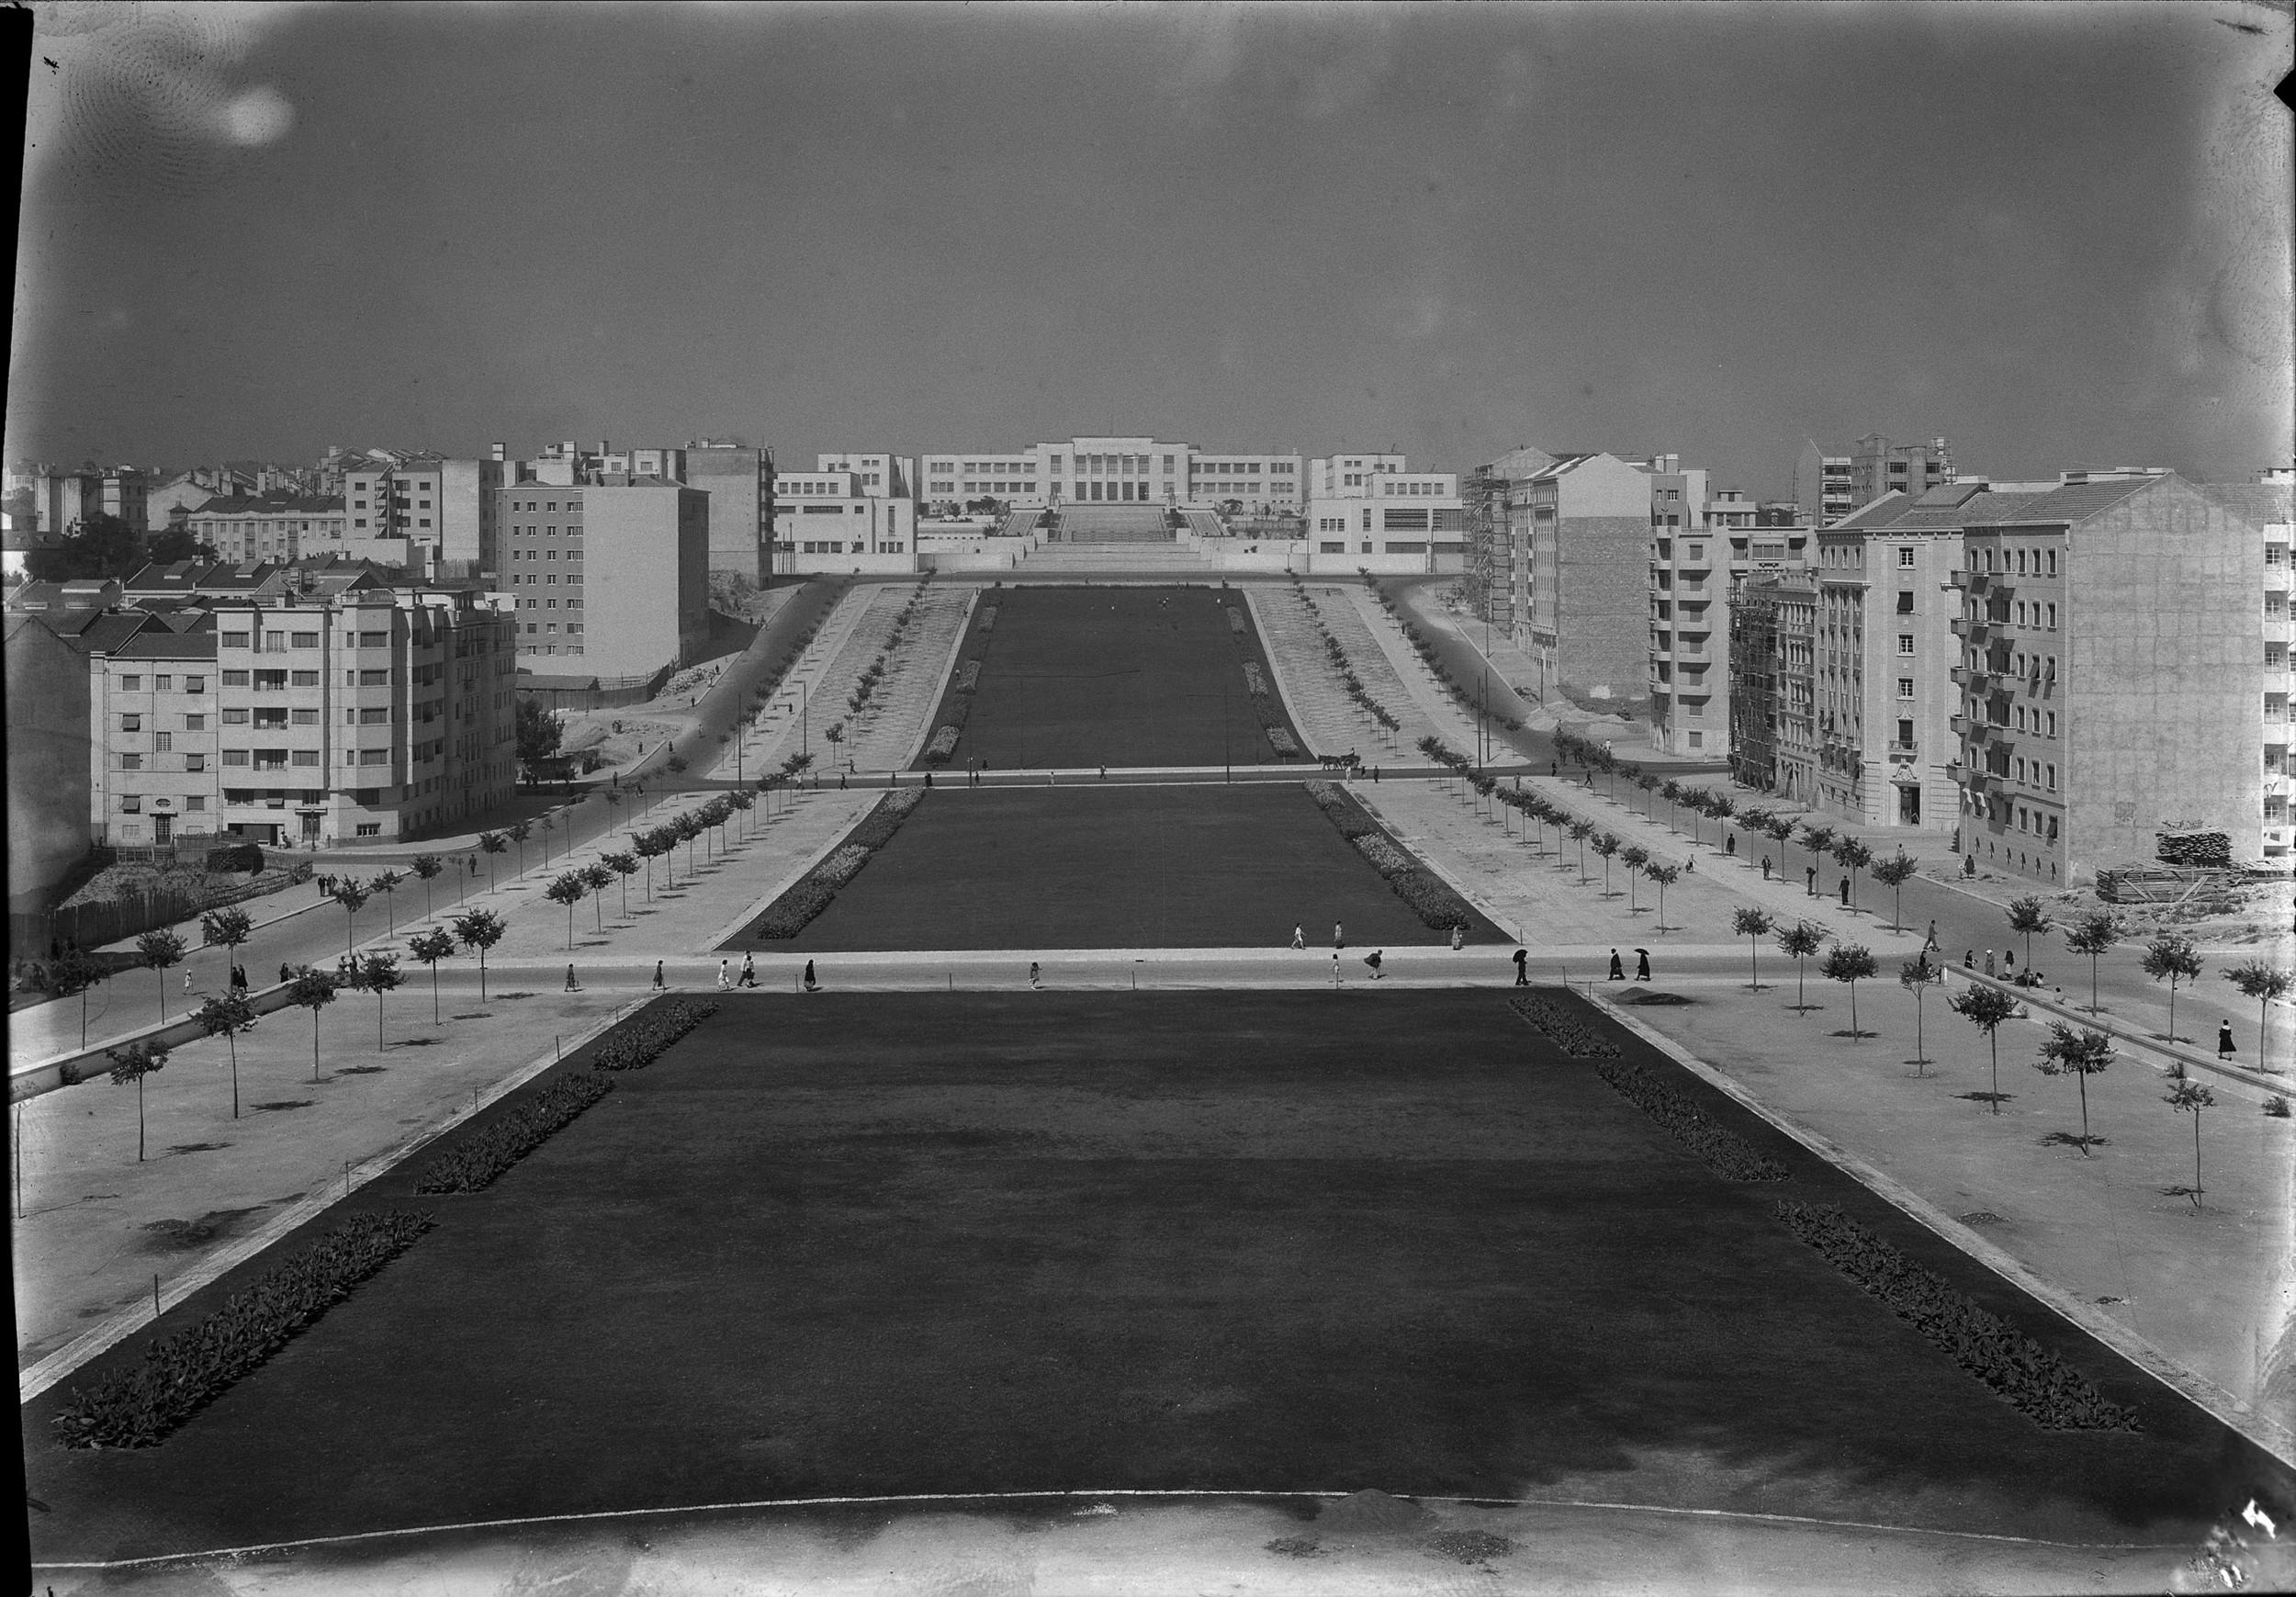 Instituto Superior Técnico, Lisbon  Photo: Mário Novais, ca. 1936-37, Lisbon  Biblioteca de Arte da Fundação Calouste Gulbenkian [CFT003_123174]